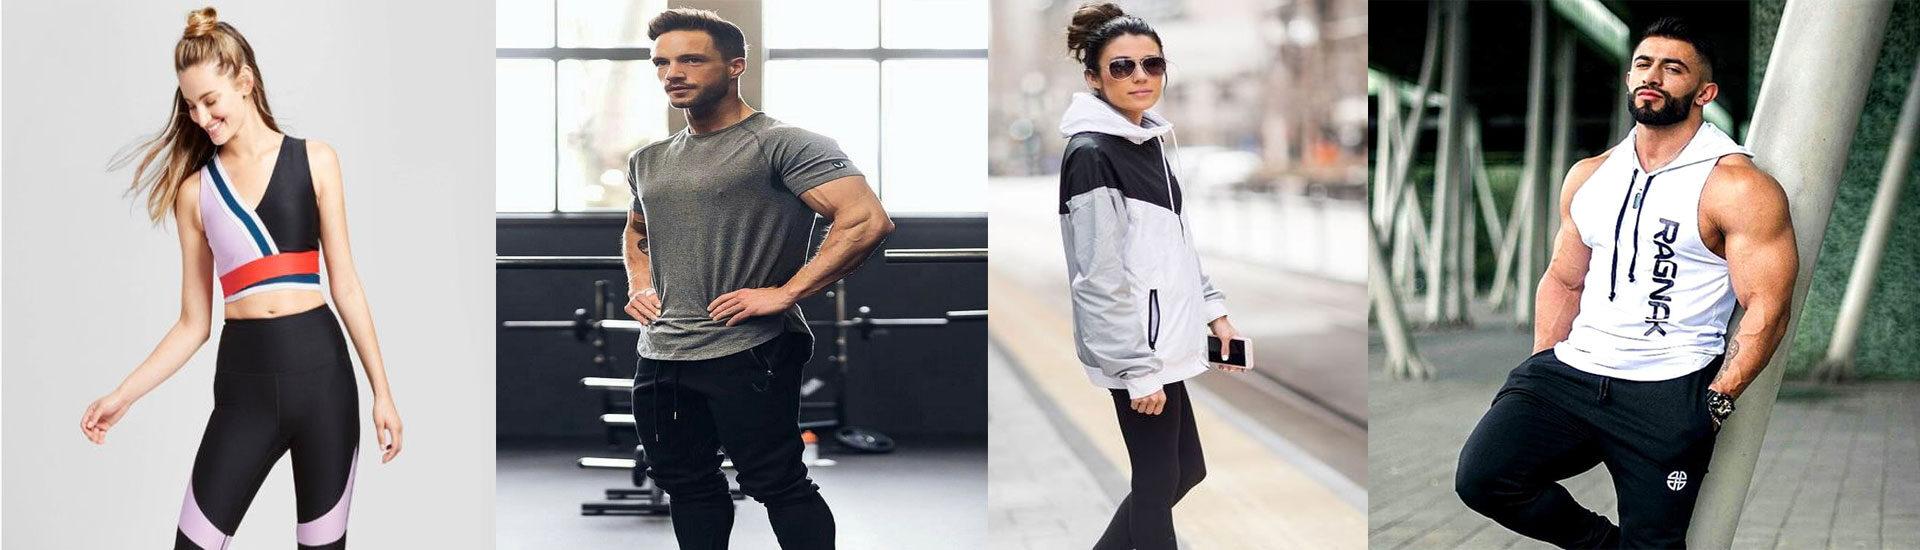 Stylish-workout-outfits